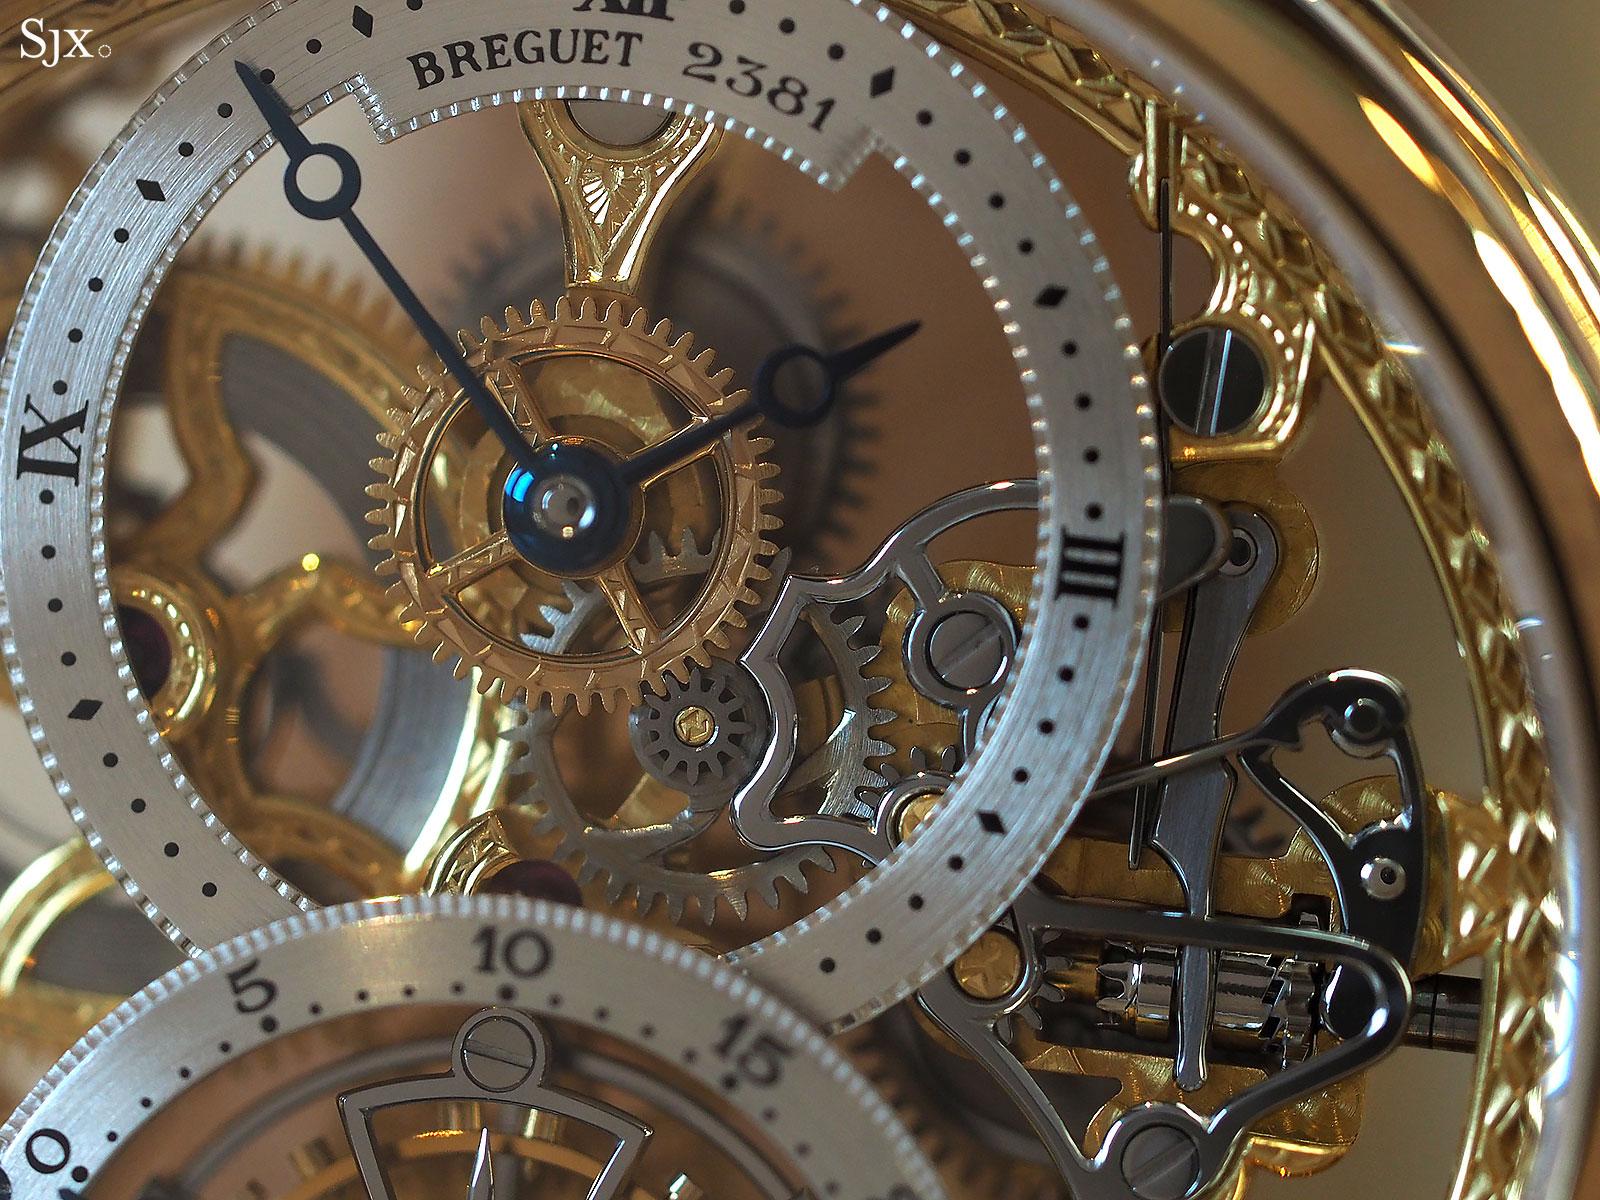 Breguet Classique Tourbillon Skeleton YG 1